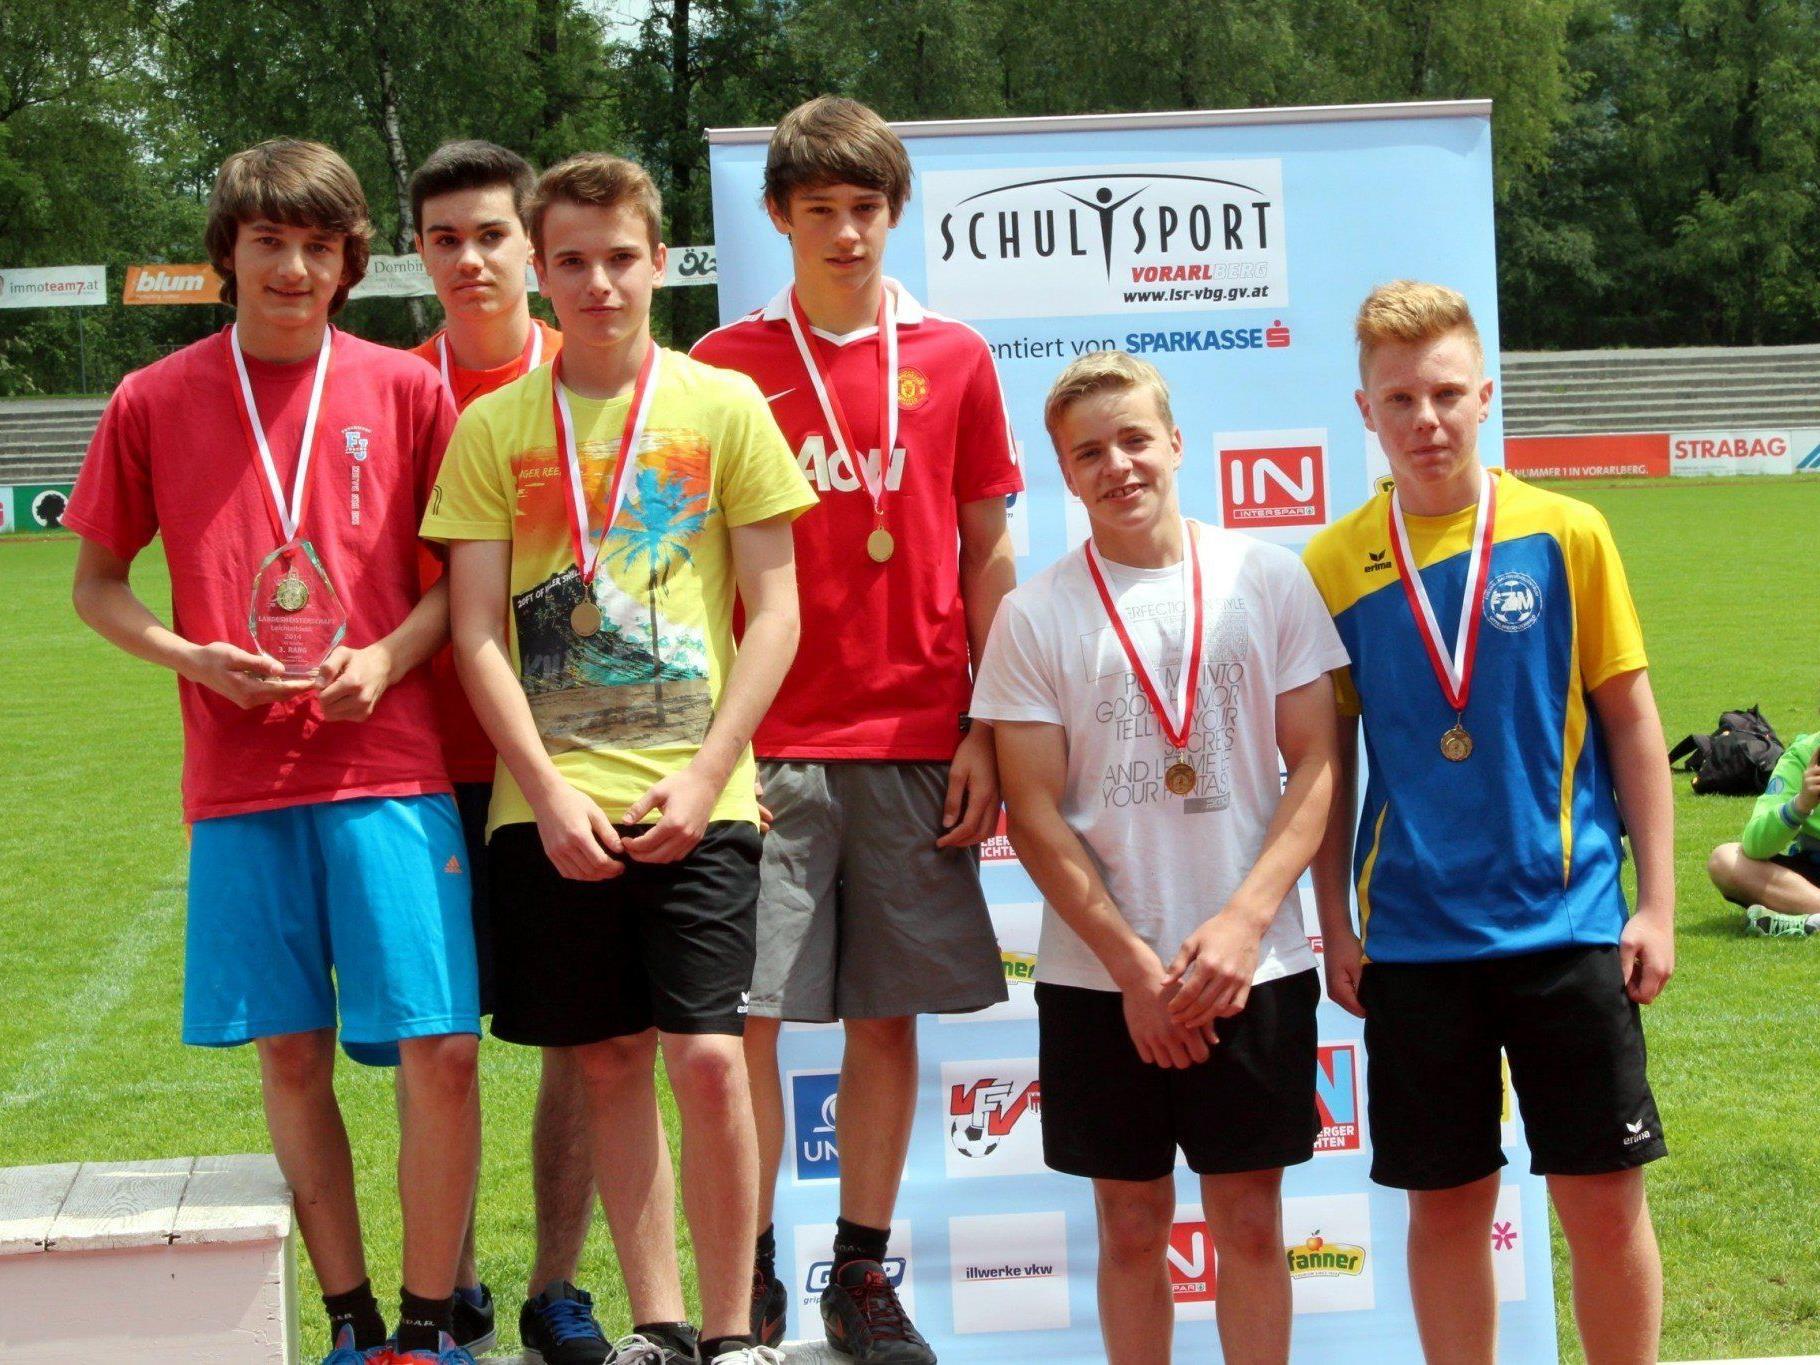 Das Leichtathletikteam der HS Egg.